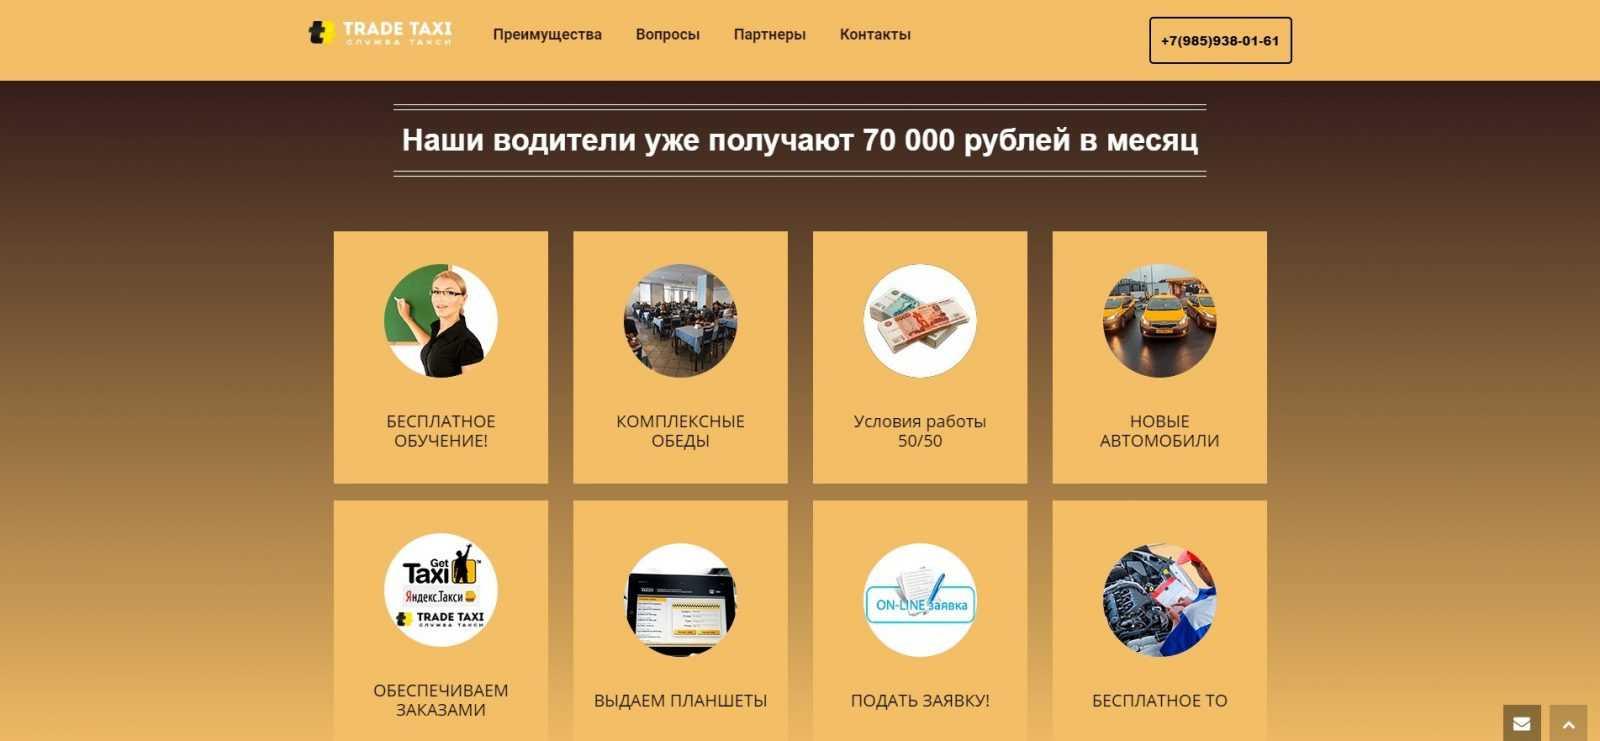 Элемент главной страницы сайта службы такси